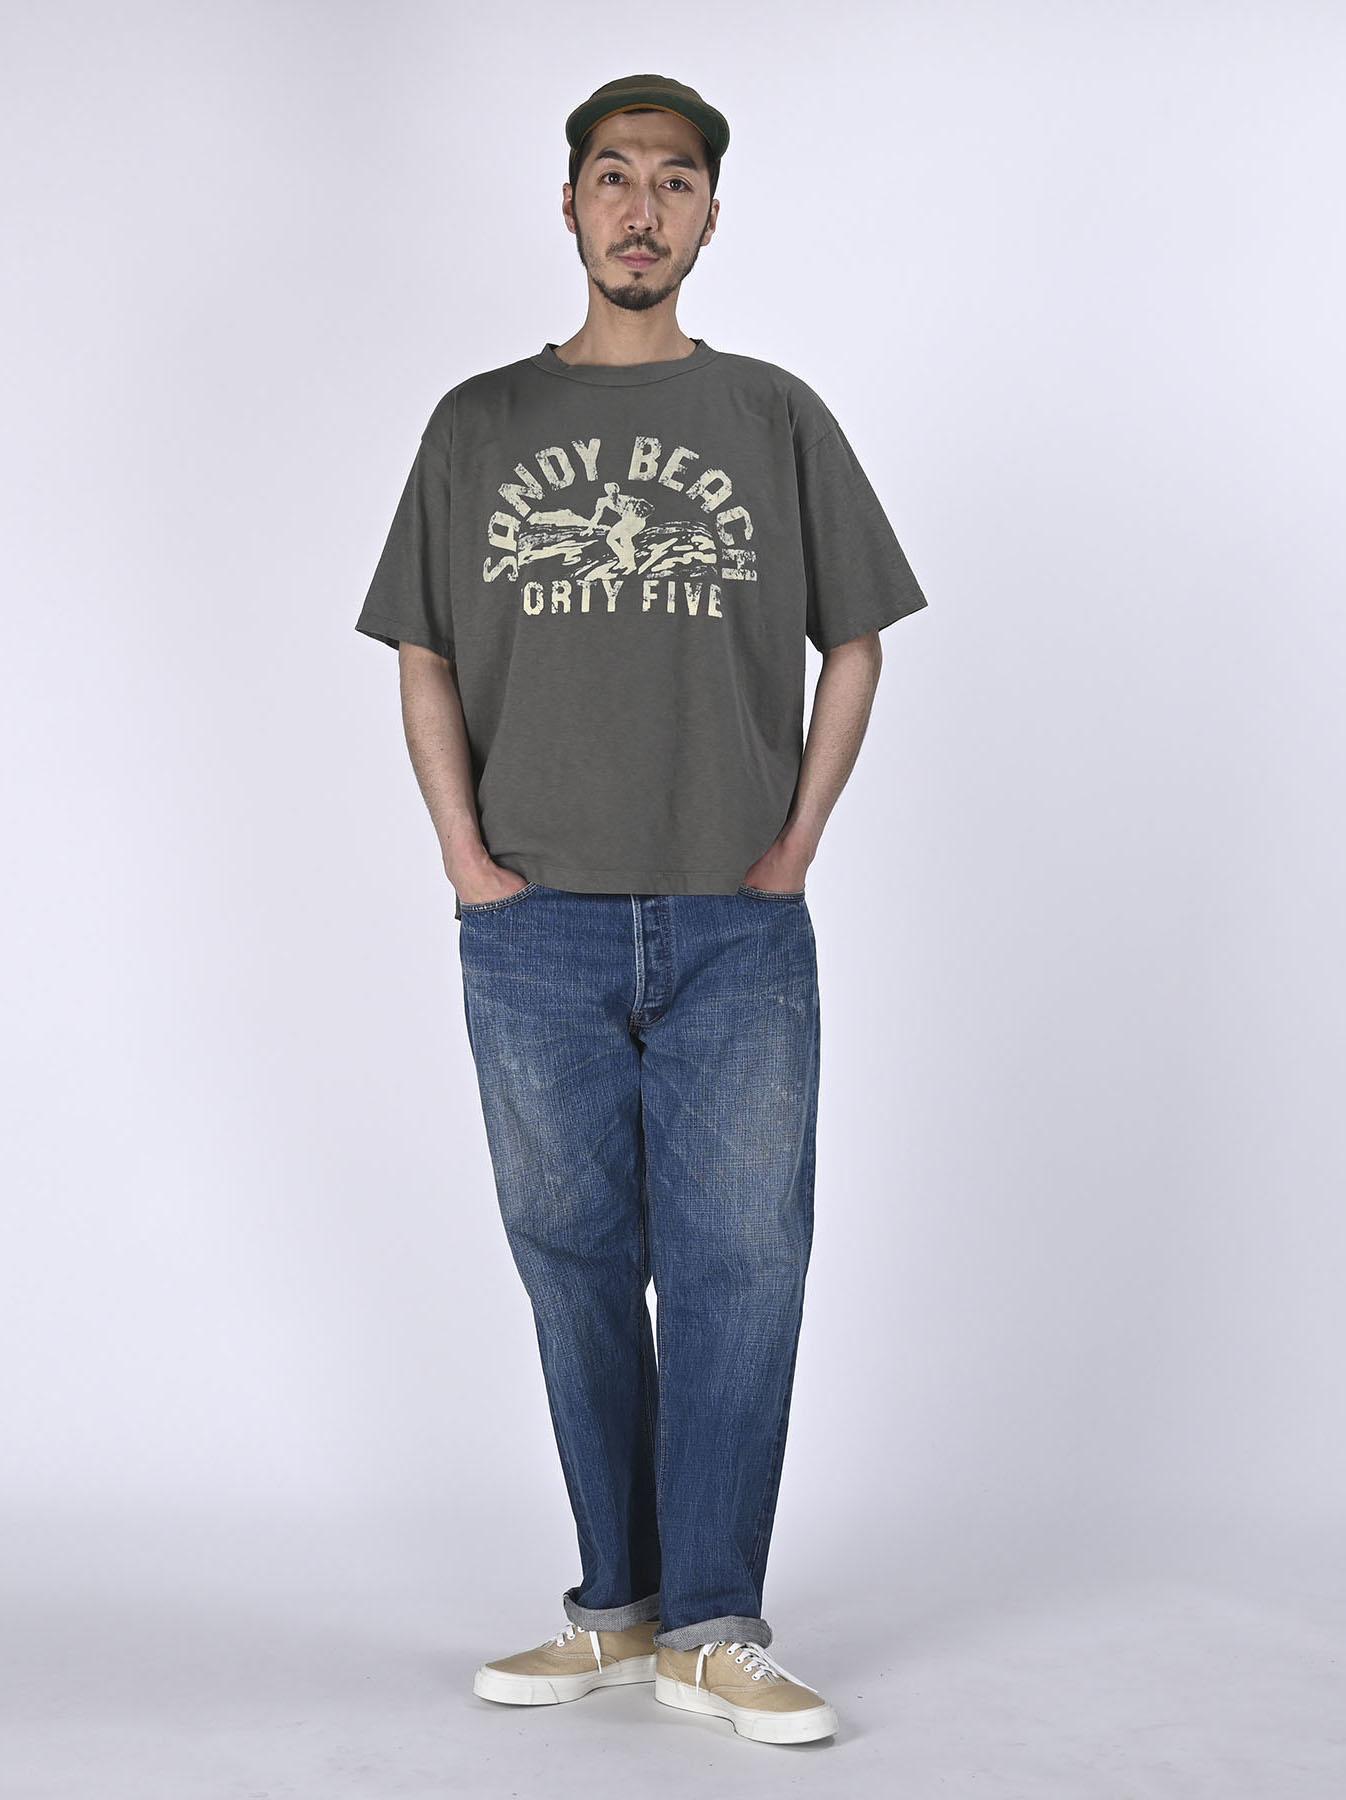 Sandy Beach 908 Ocean T-shirt (0521)-2